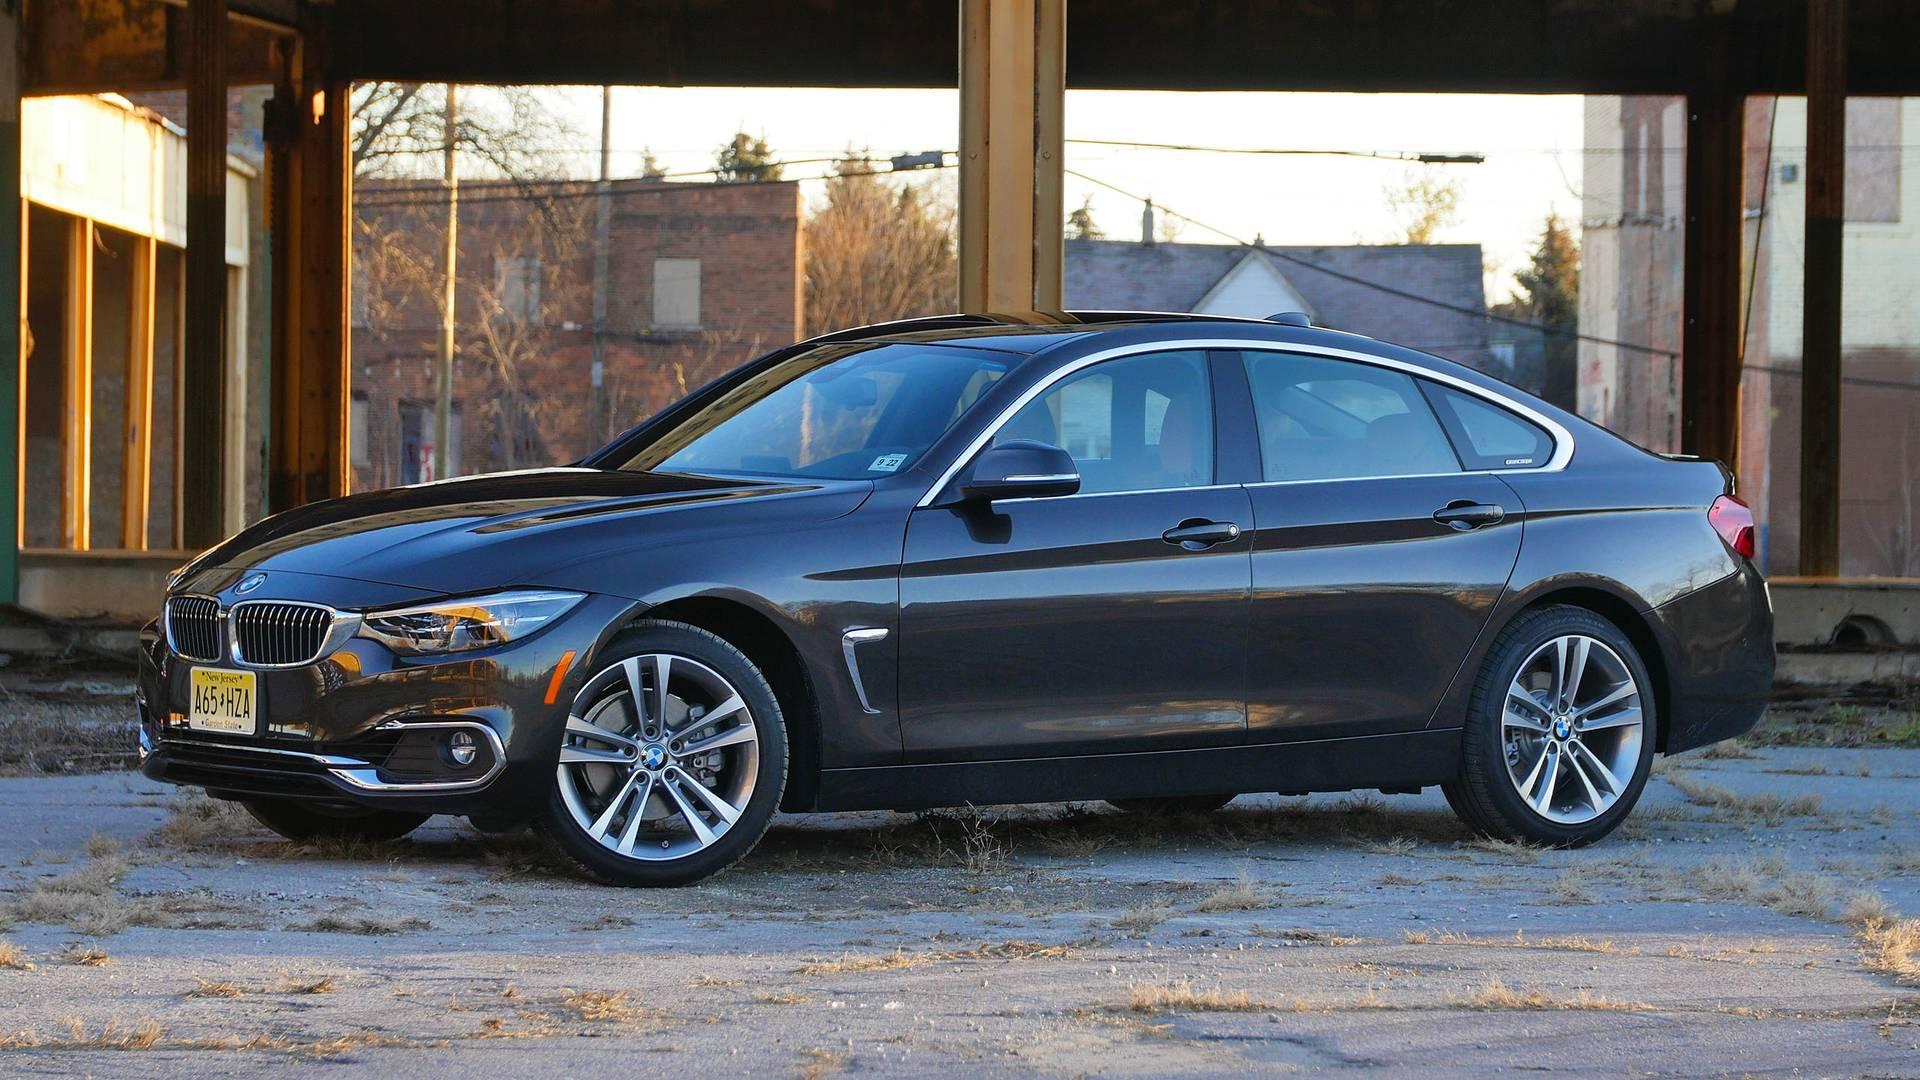 BMW 430i Gran Coupe Vs Kia Stinger Mild Meets Wild